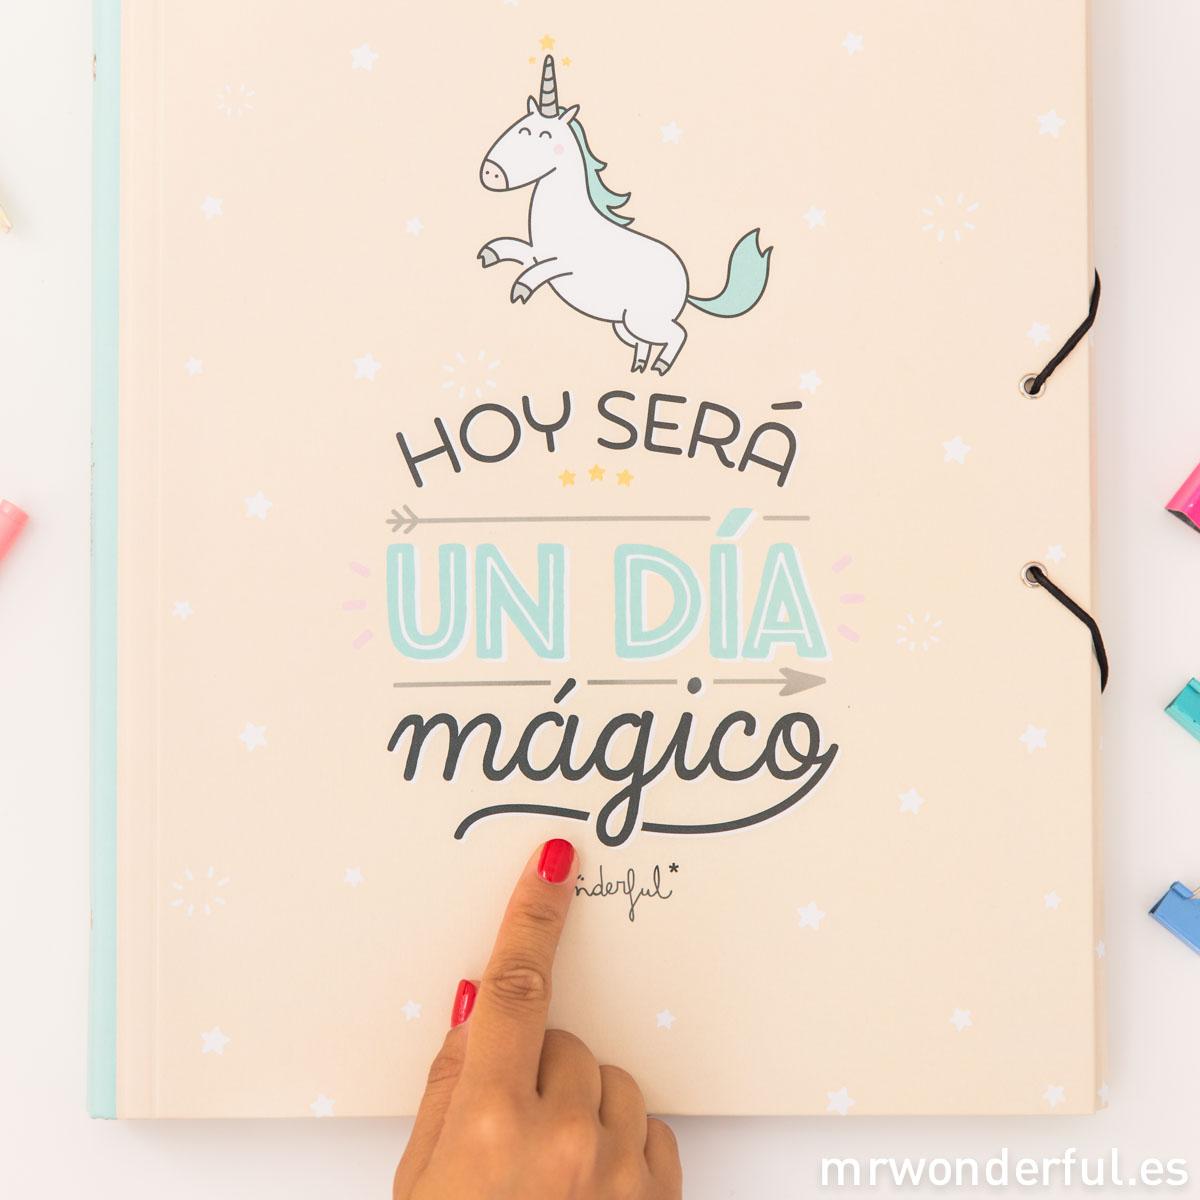 mrwonderful_8435460707237_WOA03705ES_carpeta-separadora_Hoy-sera-un-dia-magico_CAST-3-Editar